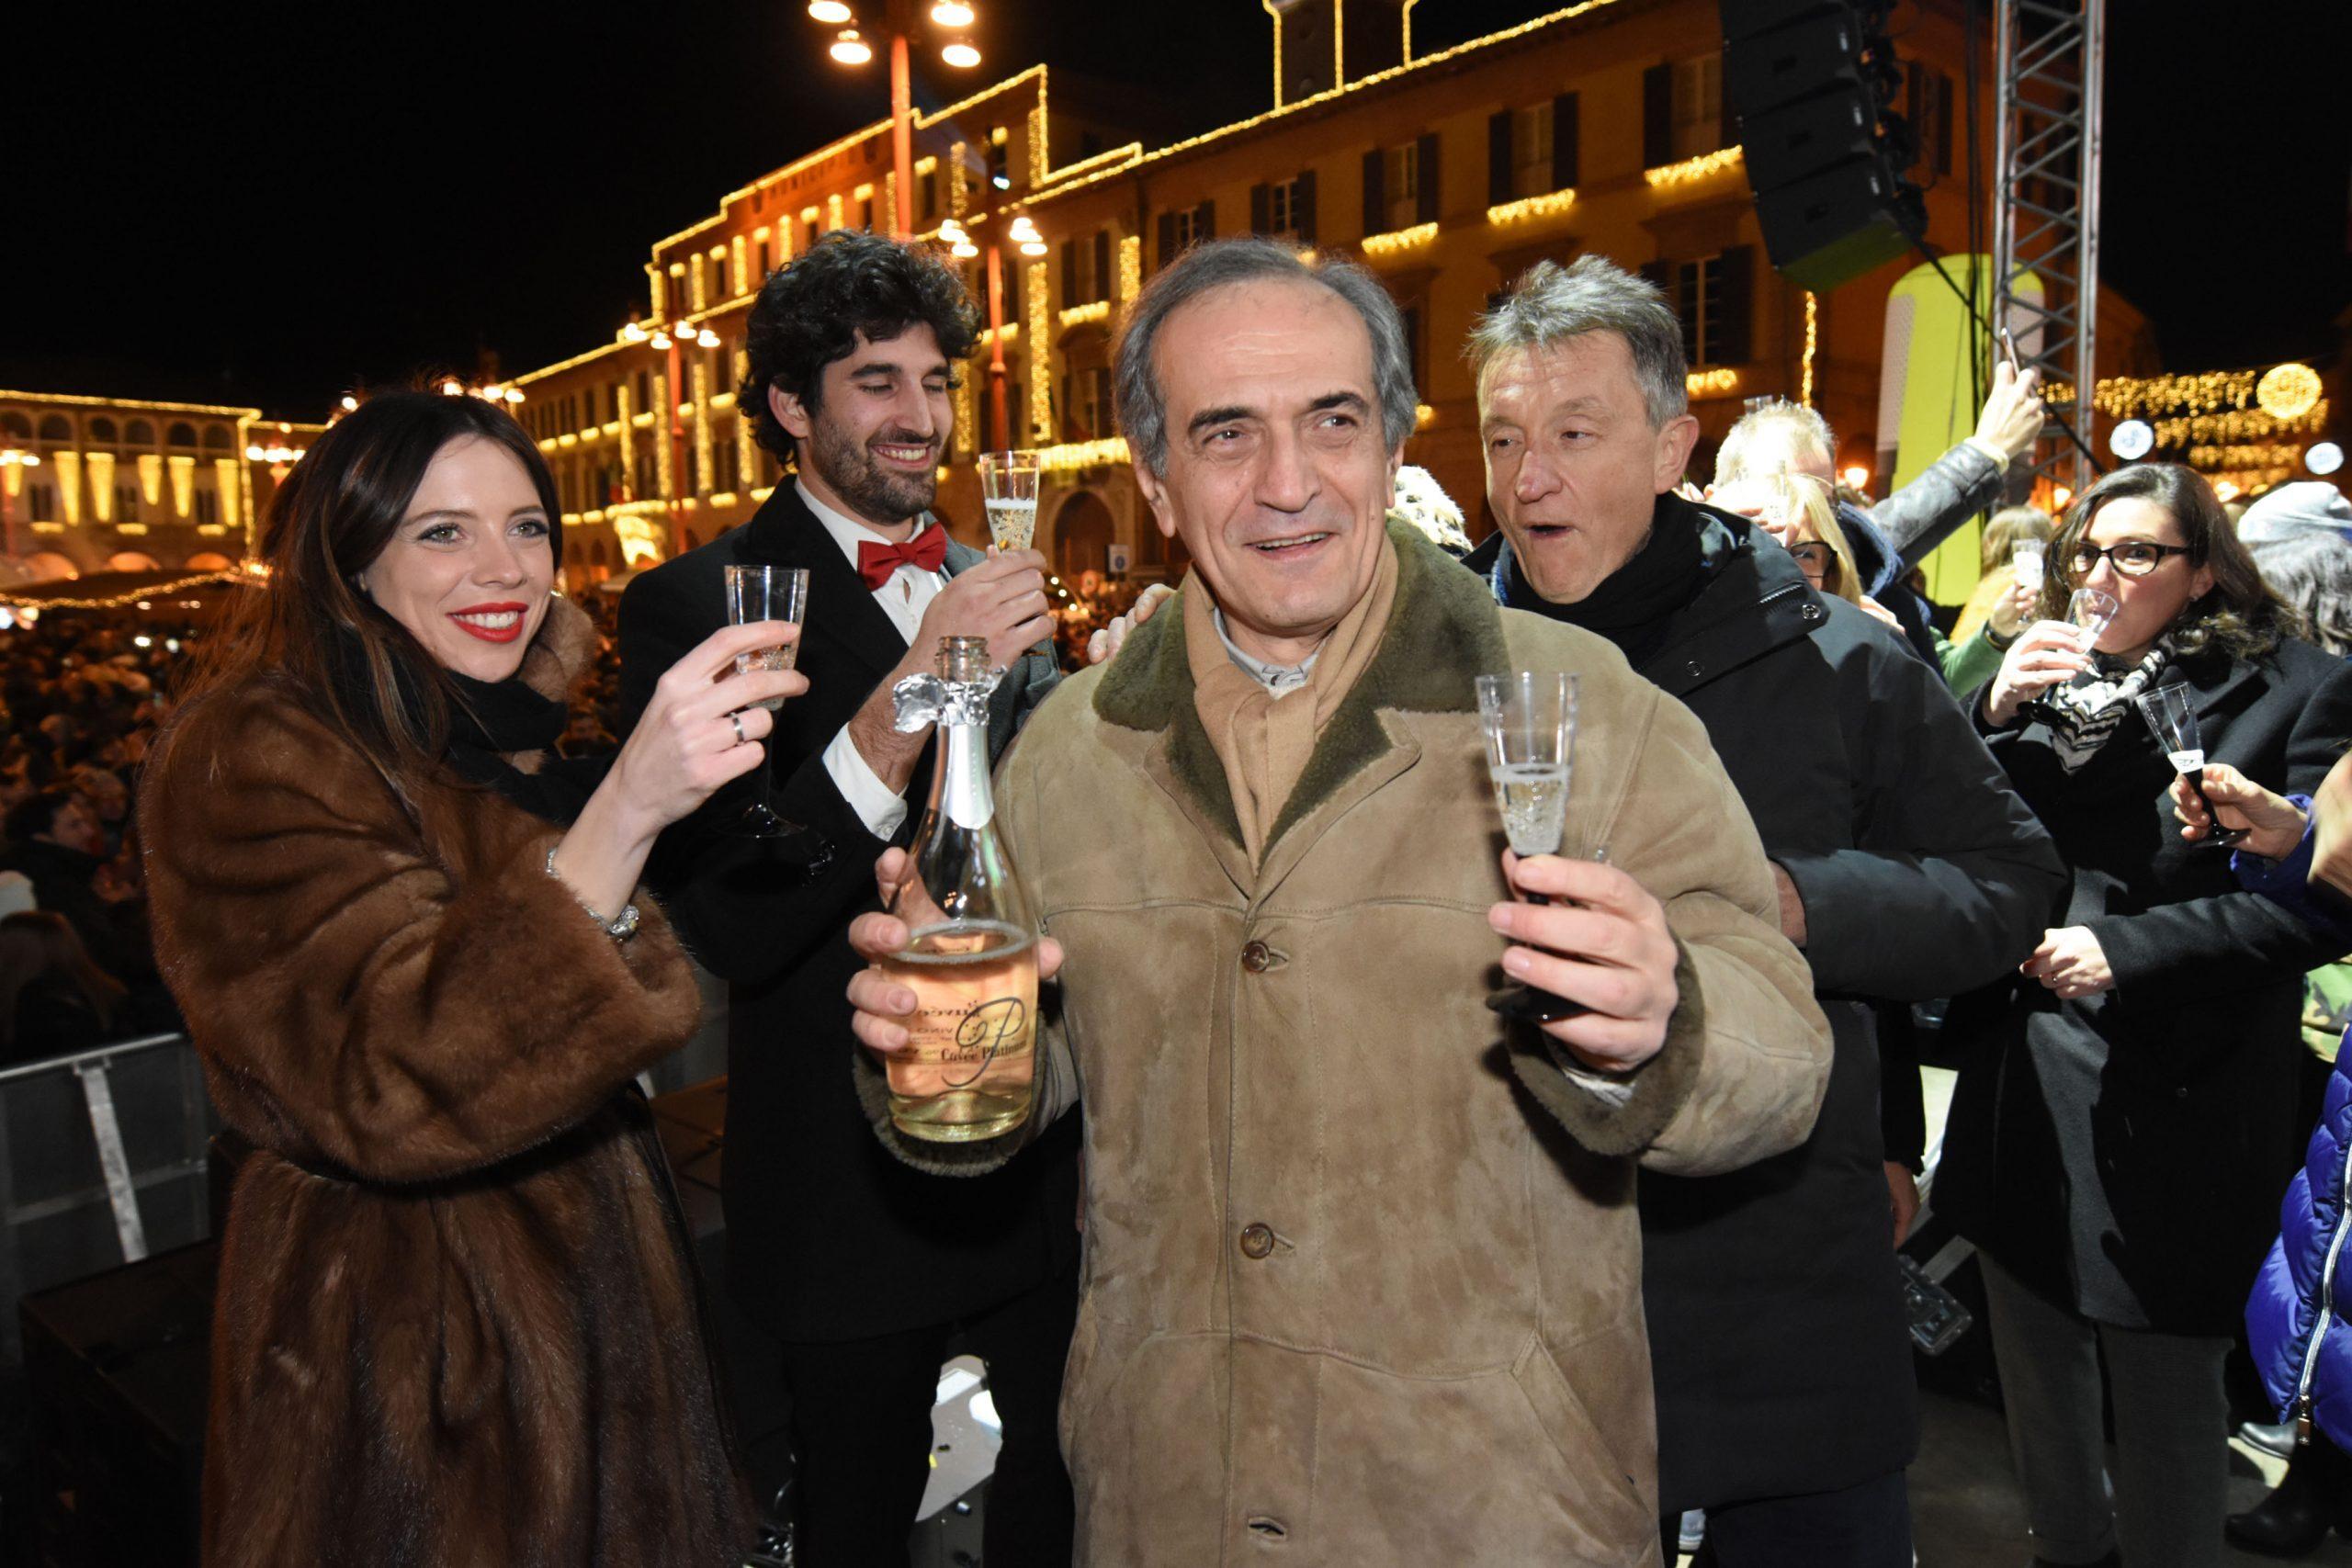 Forlì, festa di Capodanno in piazza Saffi con migliaia di persone